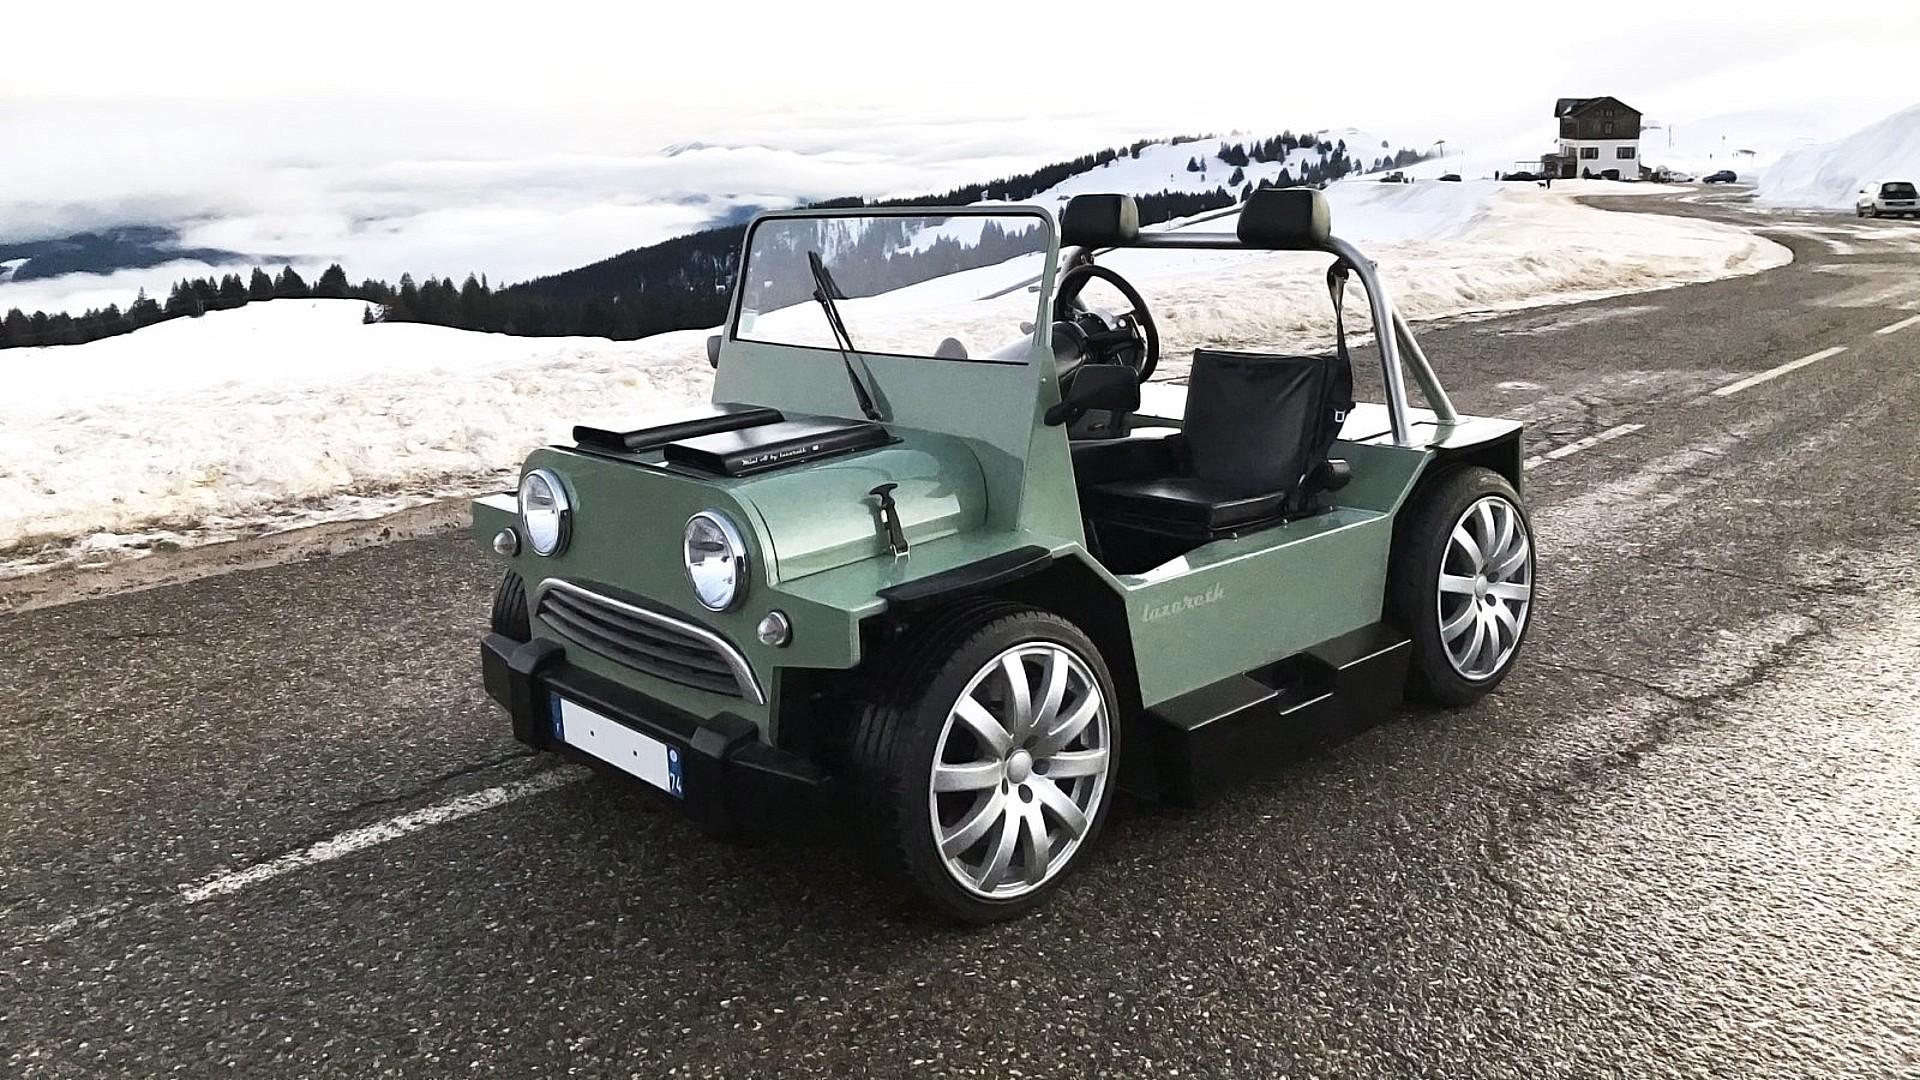 Το Mini V8 M της Lazareth είναι ένας από τους πιο περίεργους τρόπους να ξοδέψεις 140.000 ευρώ.